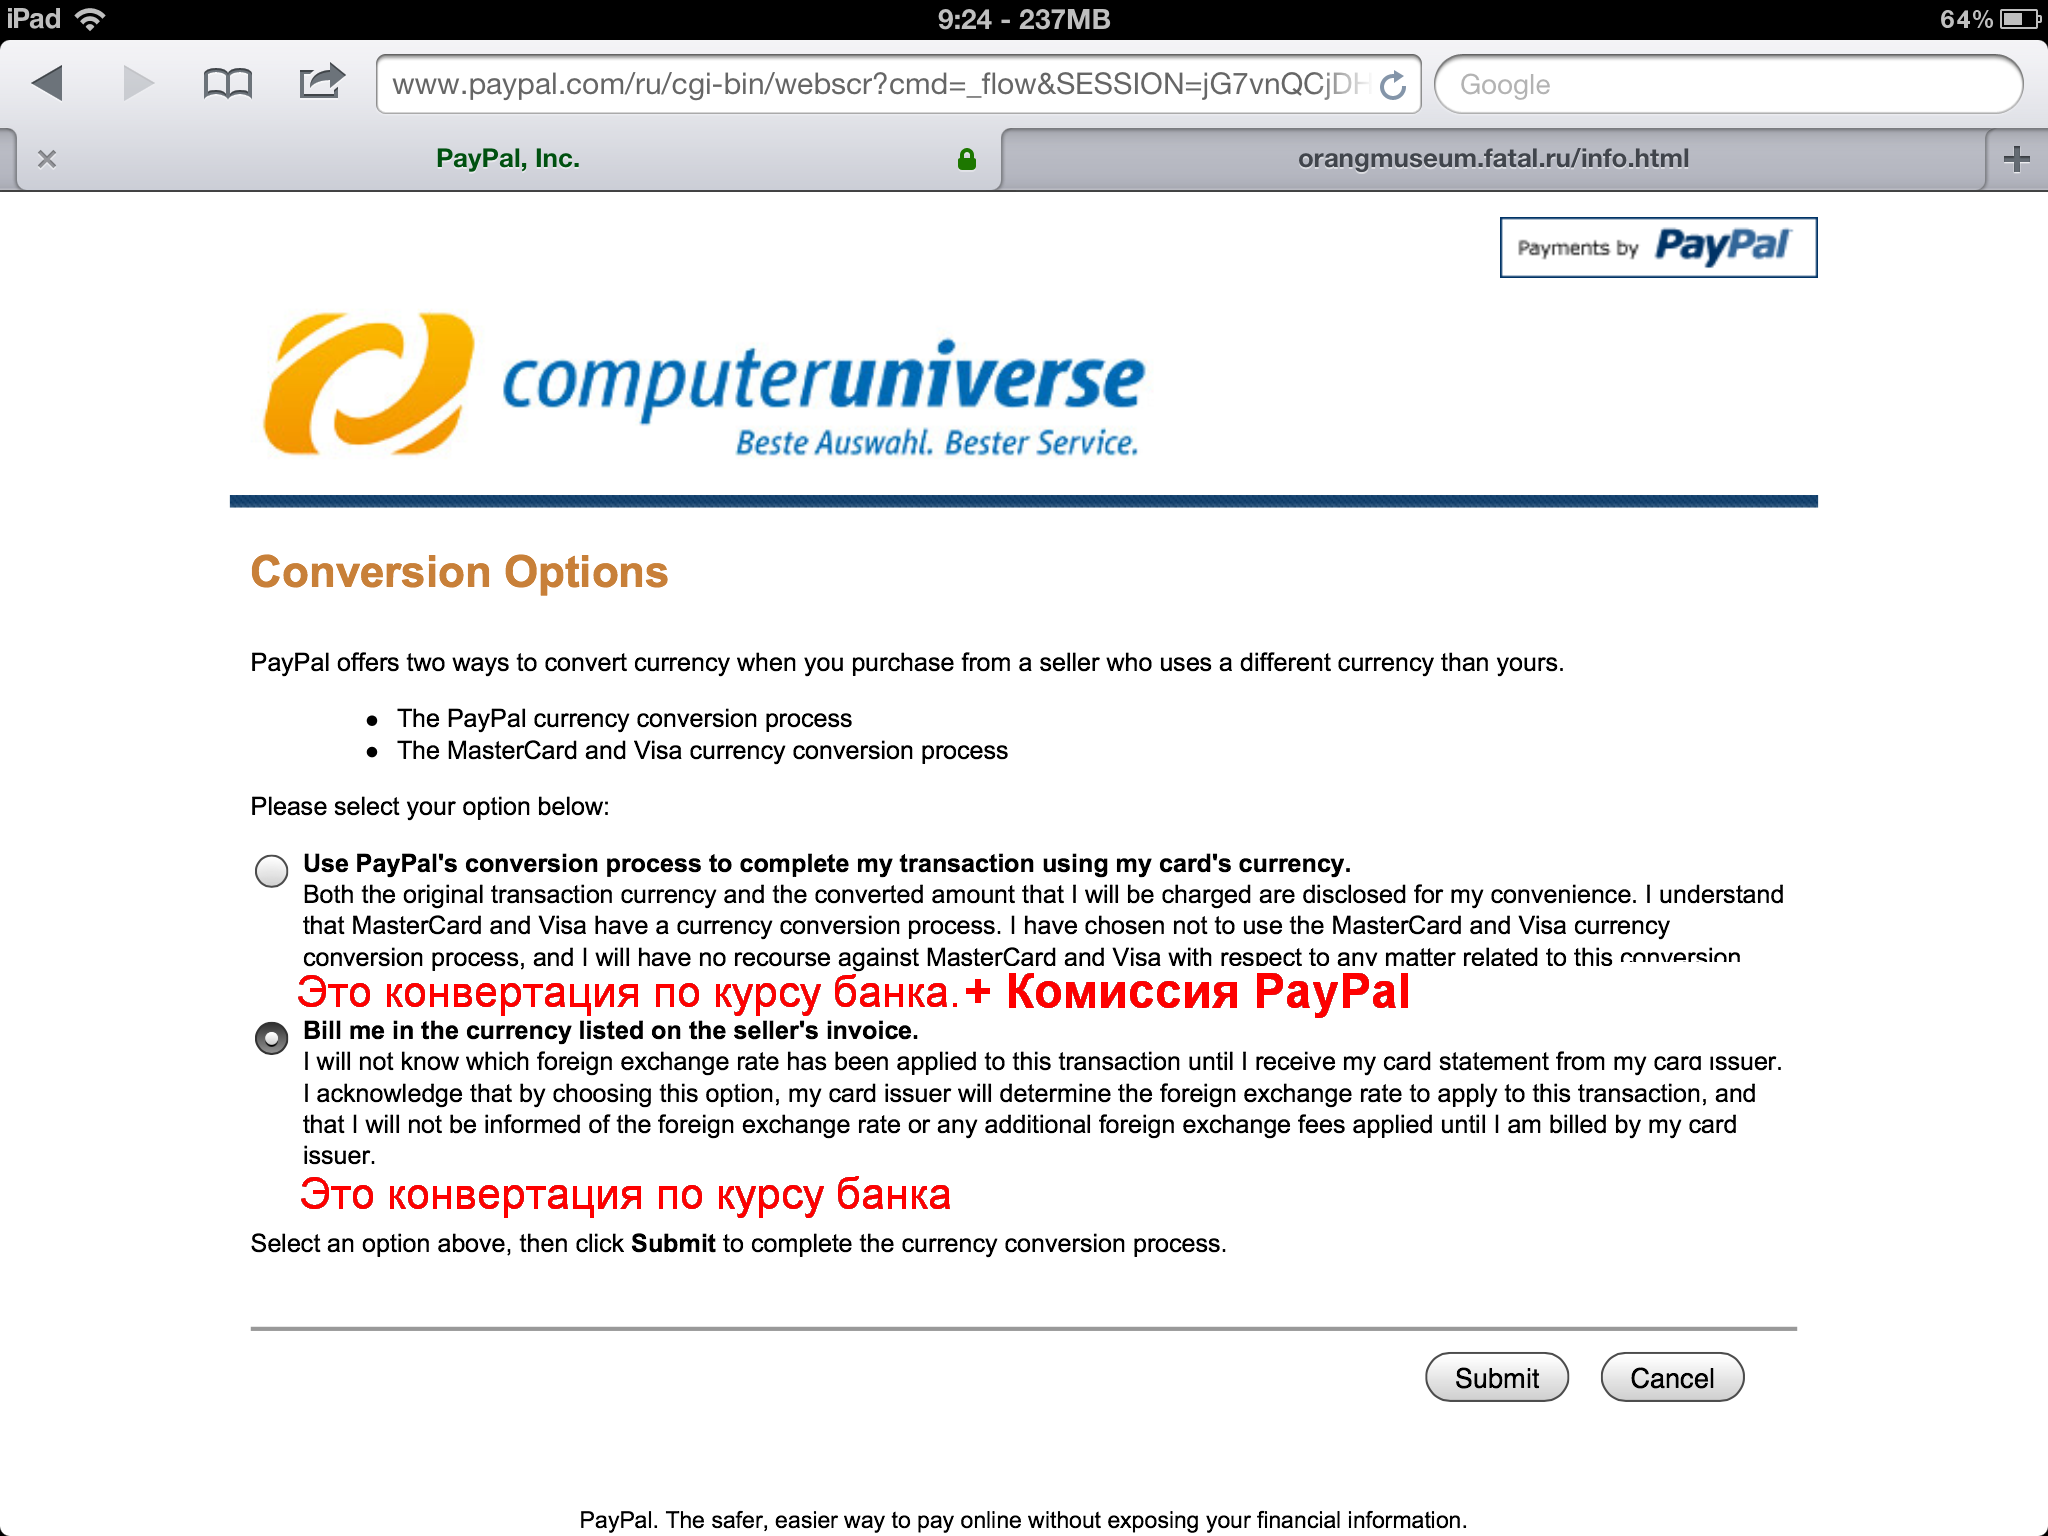 Два способа оплаты через PayPal